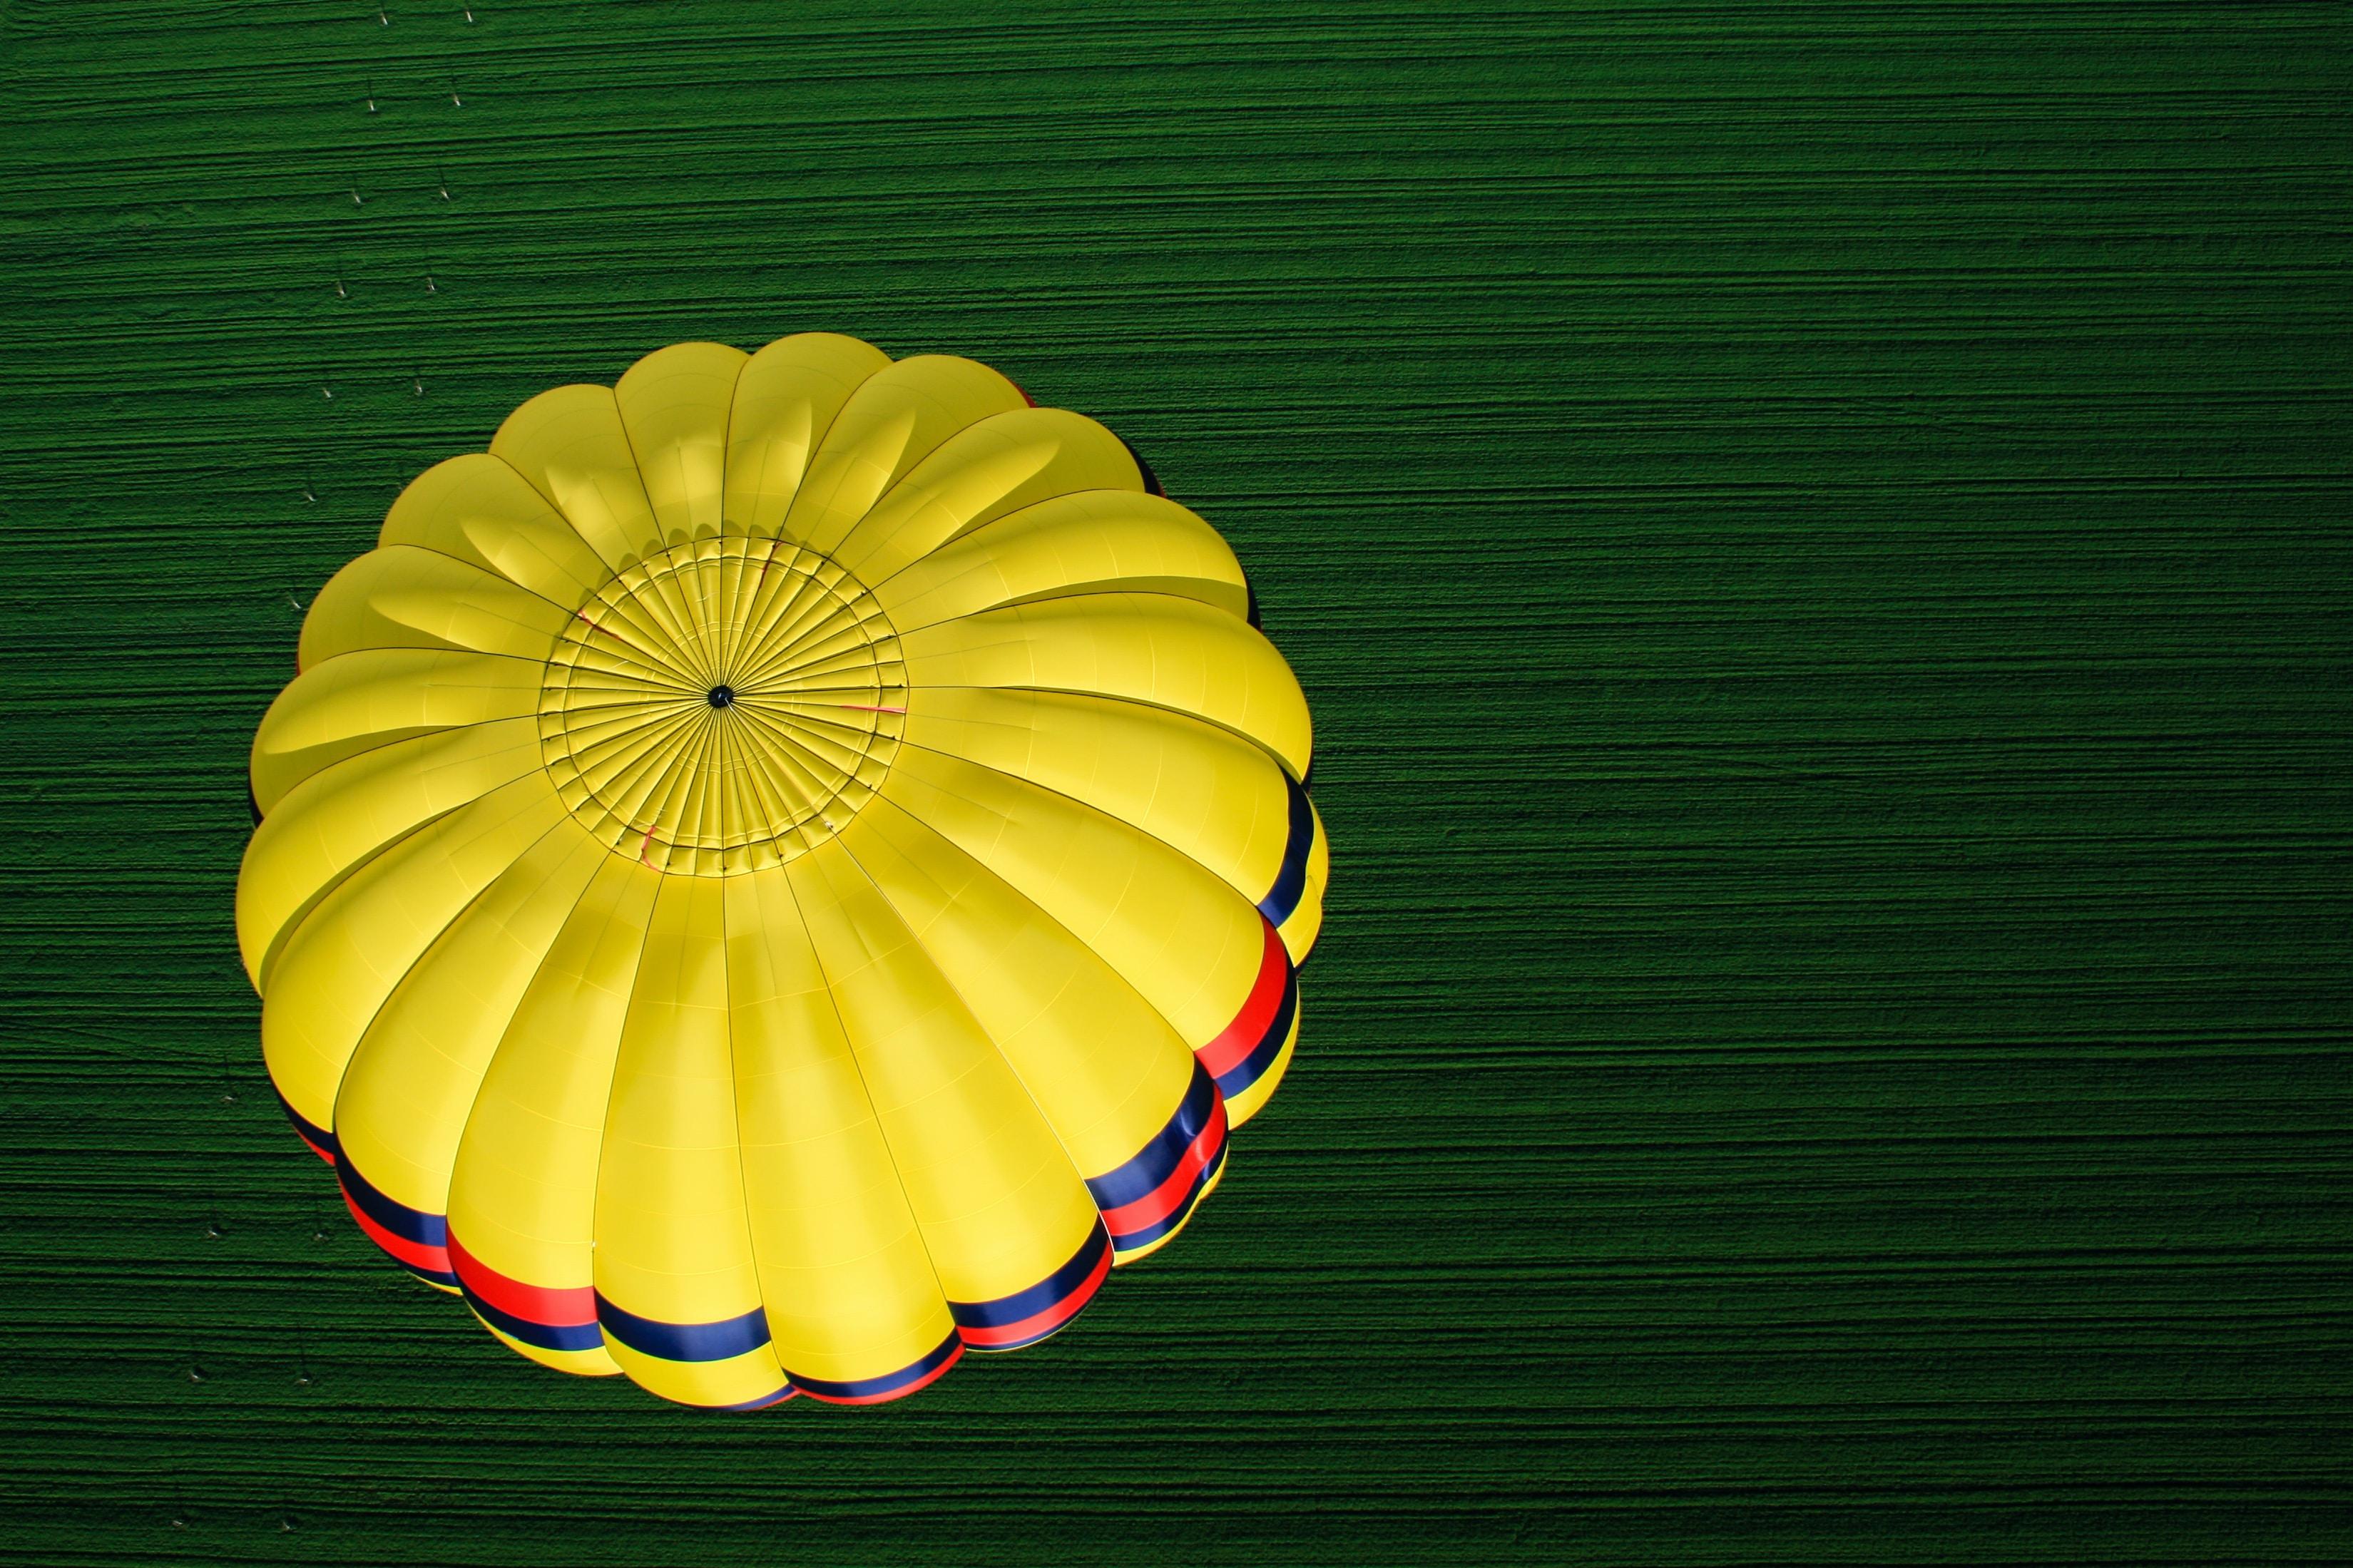 photo of yellow parachute